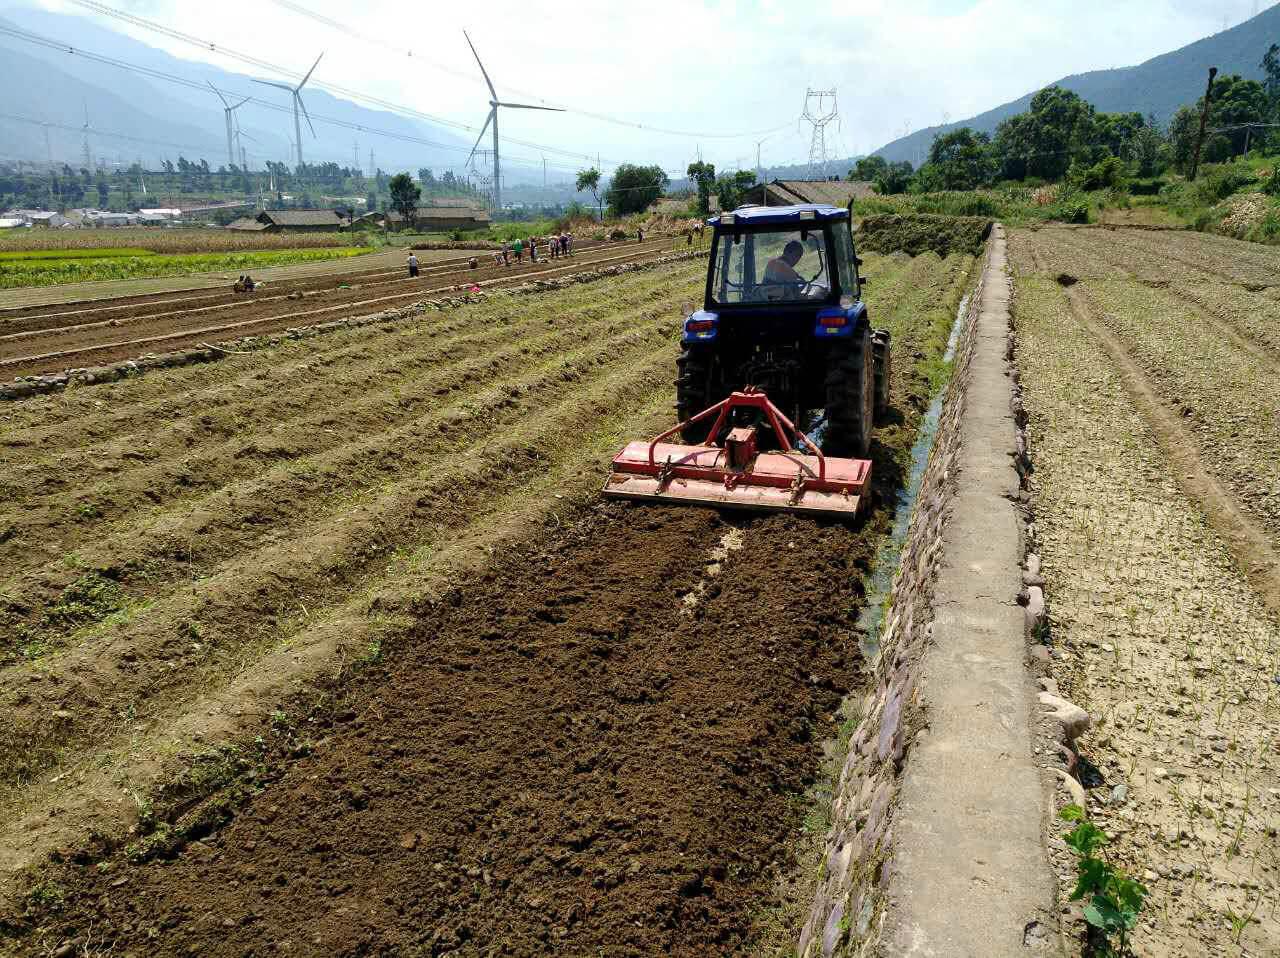 德昌烟蒜轮作地土壤重金属污染修复及病虫害防治试验项目